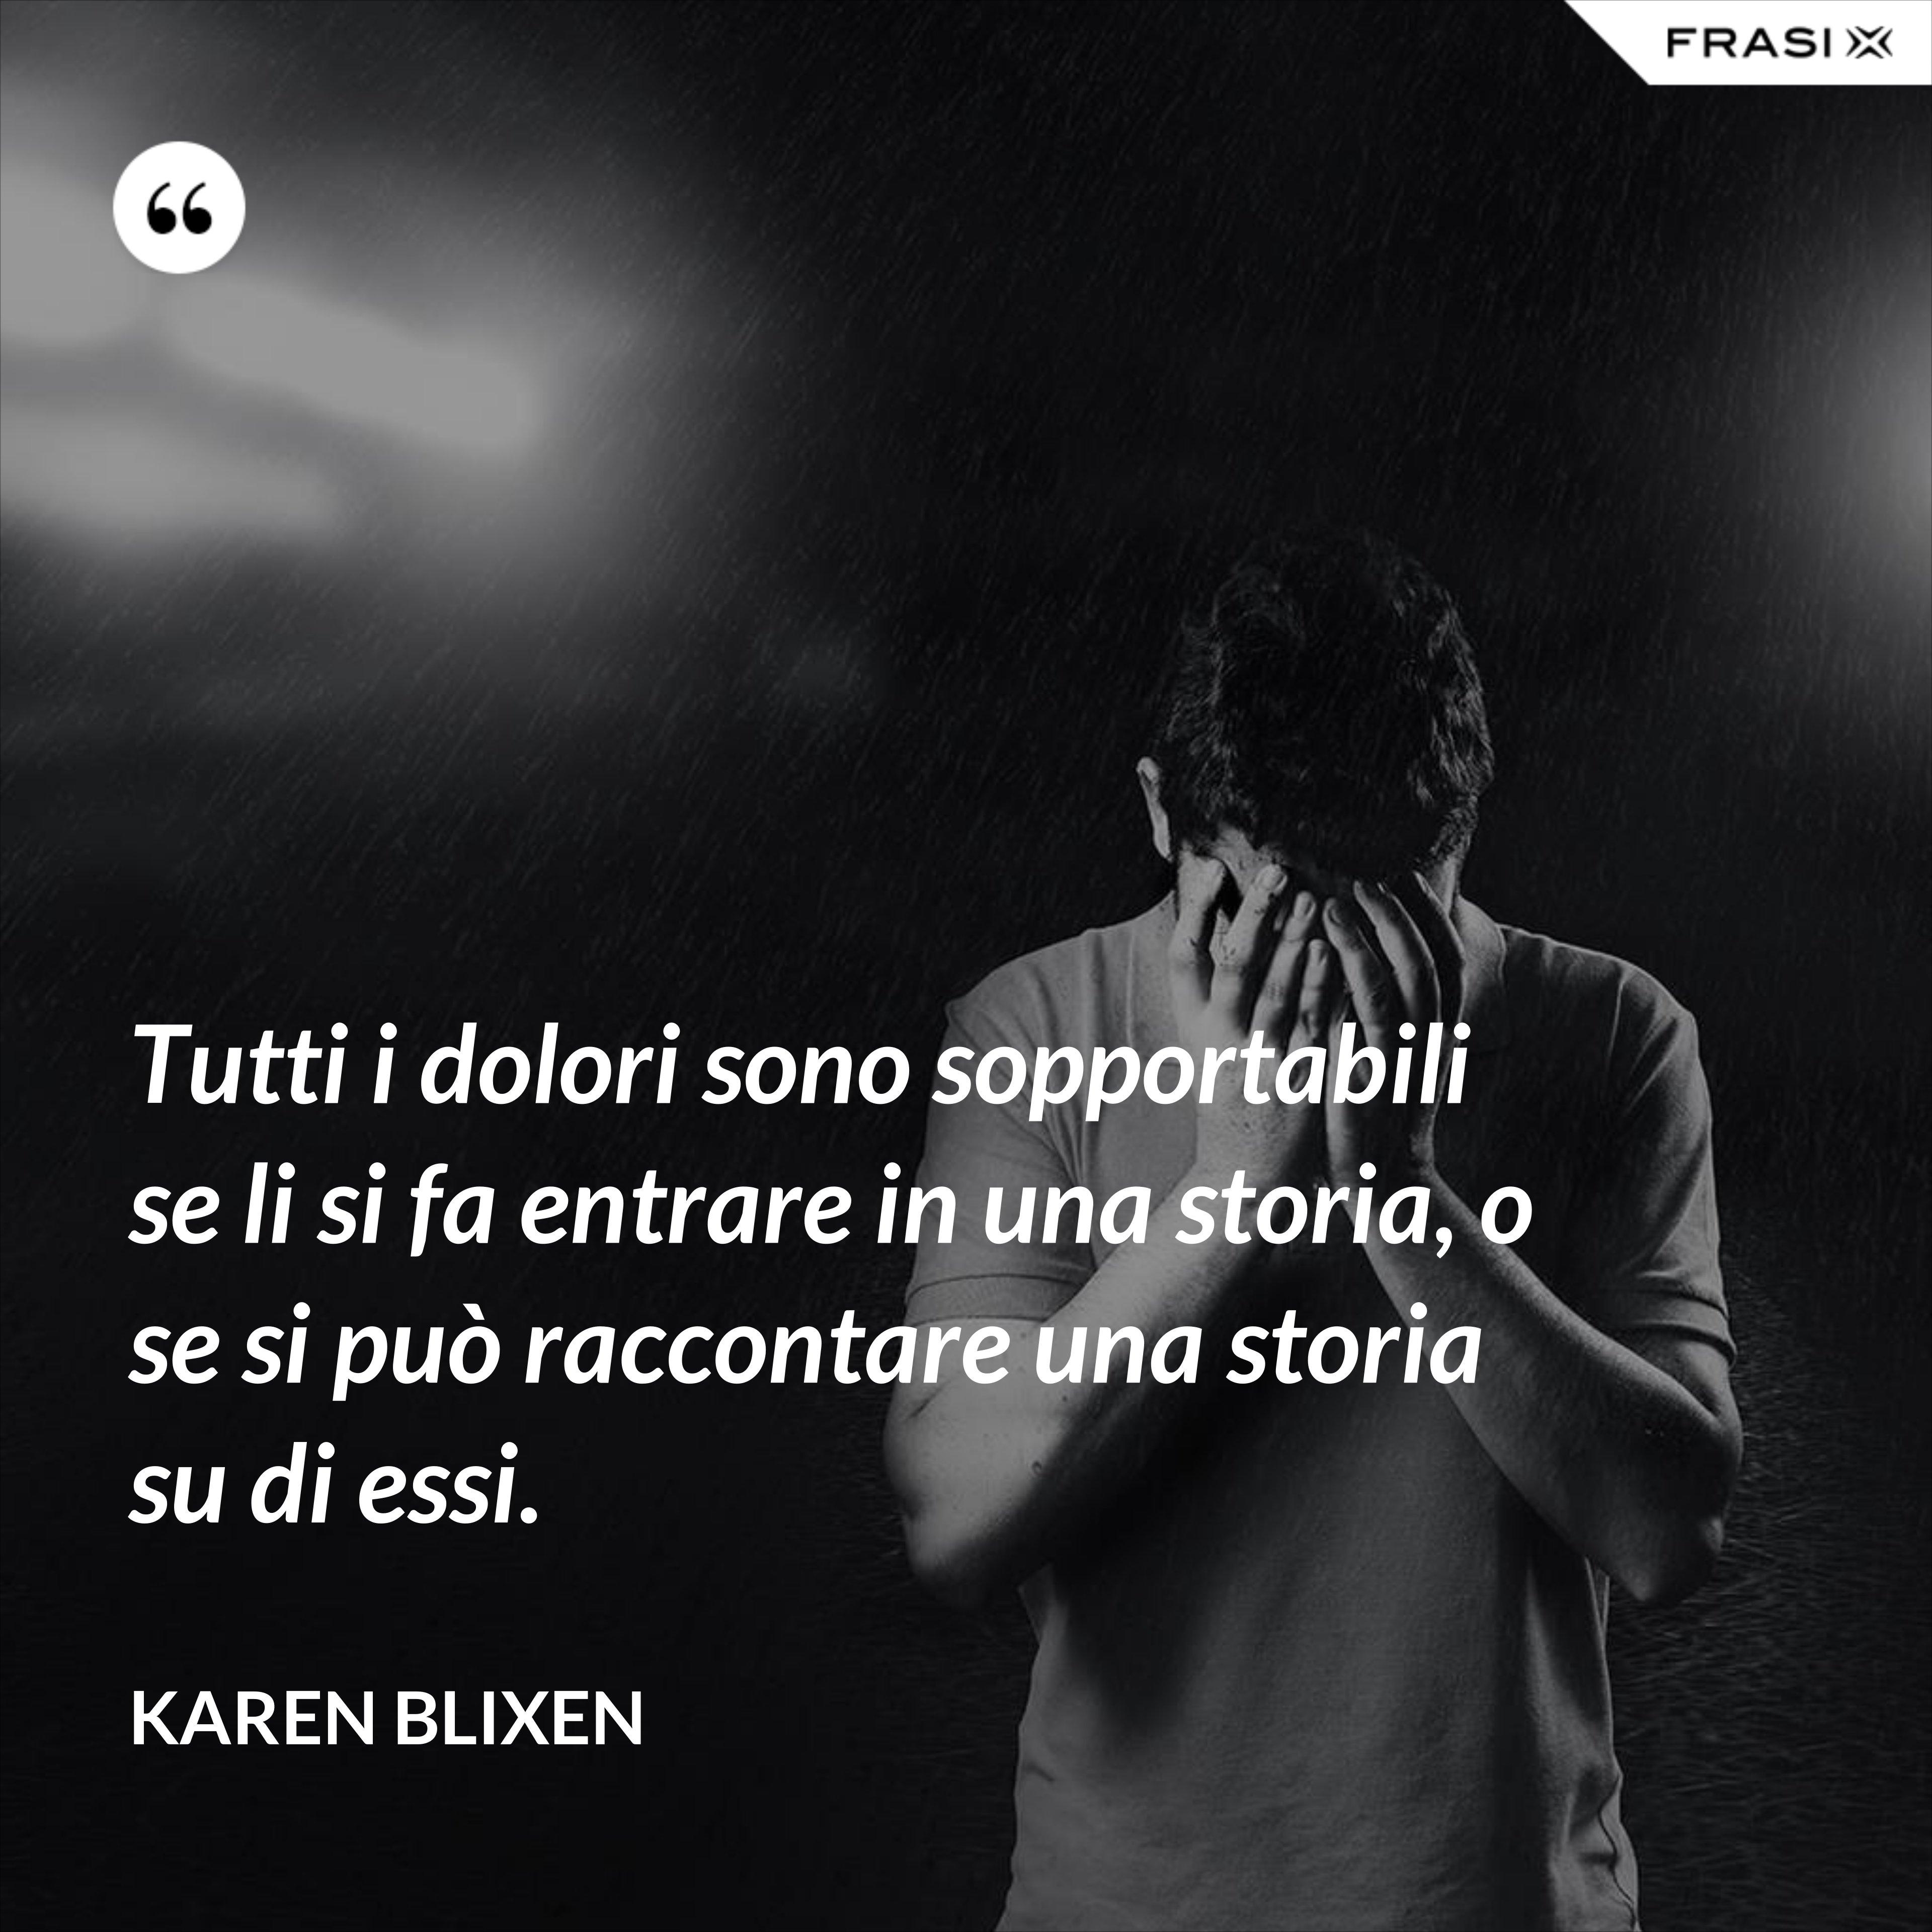 Tutti i dolori sono sopportabili se li si fa entrare in una storia, o se si può raccontare una storia su di essi. - Karen Blixen